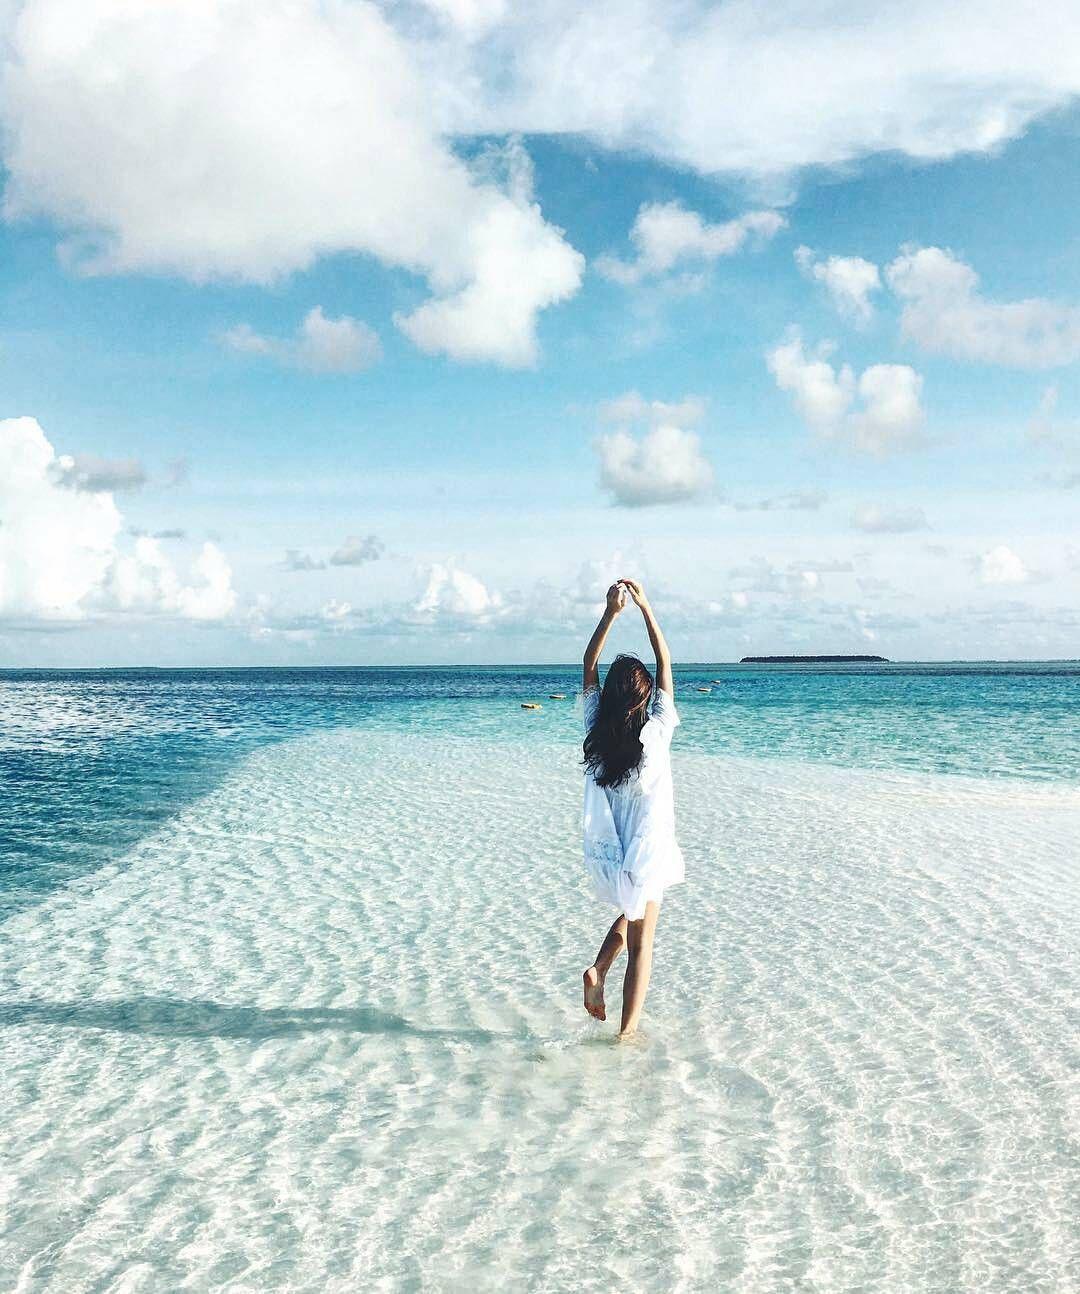 The Maldives Island   beautiful places - Visit maldives ...